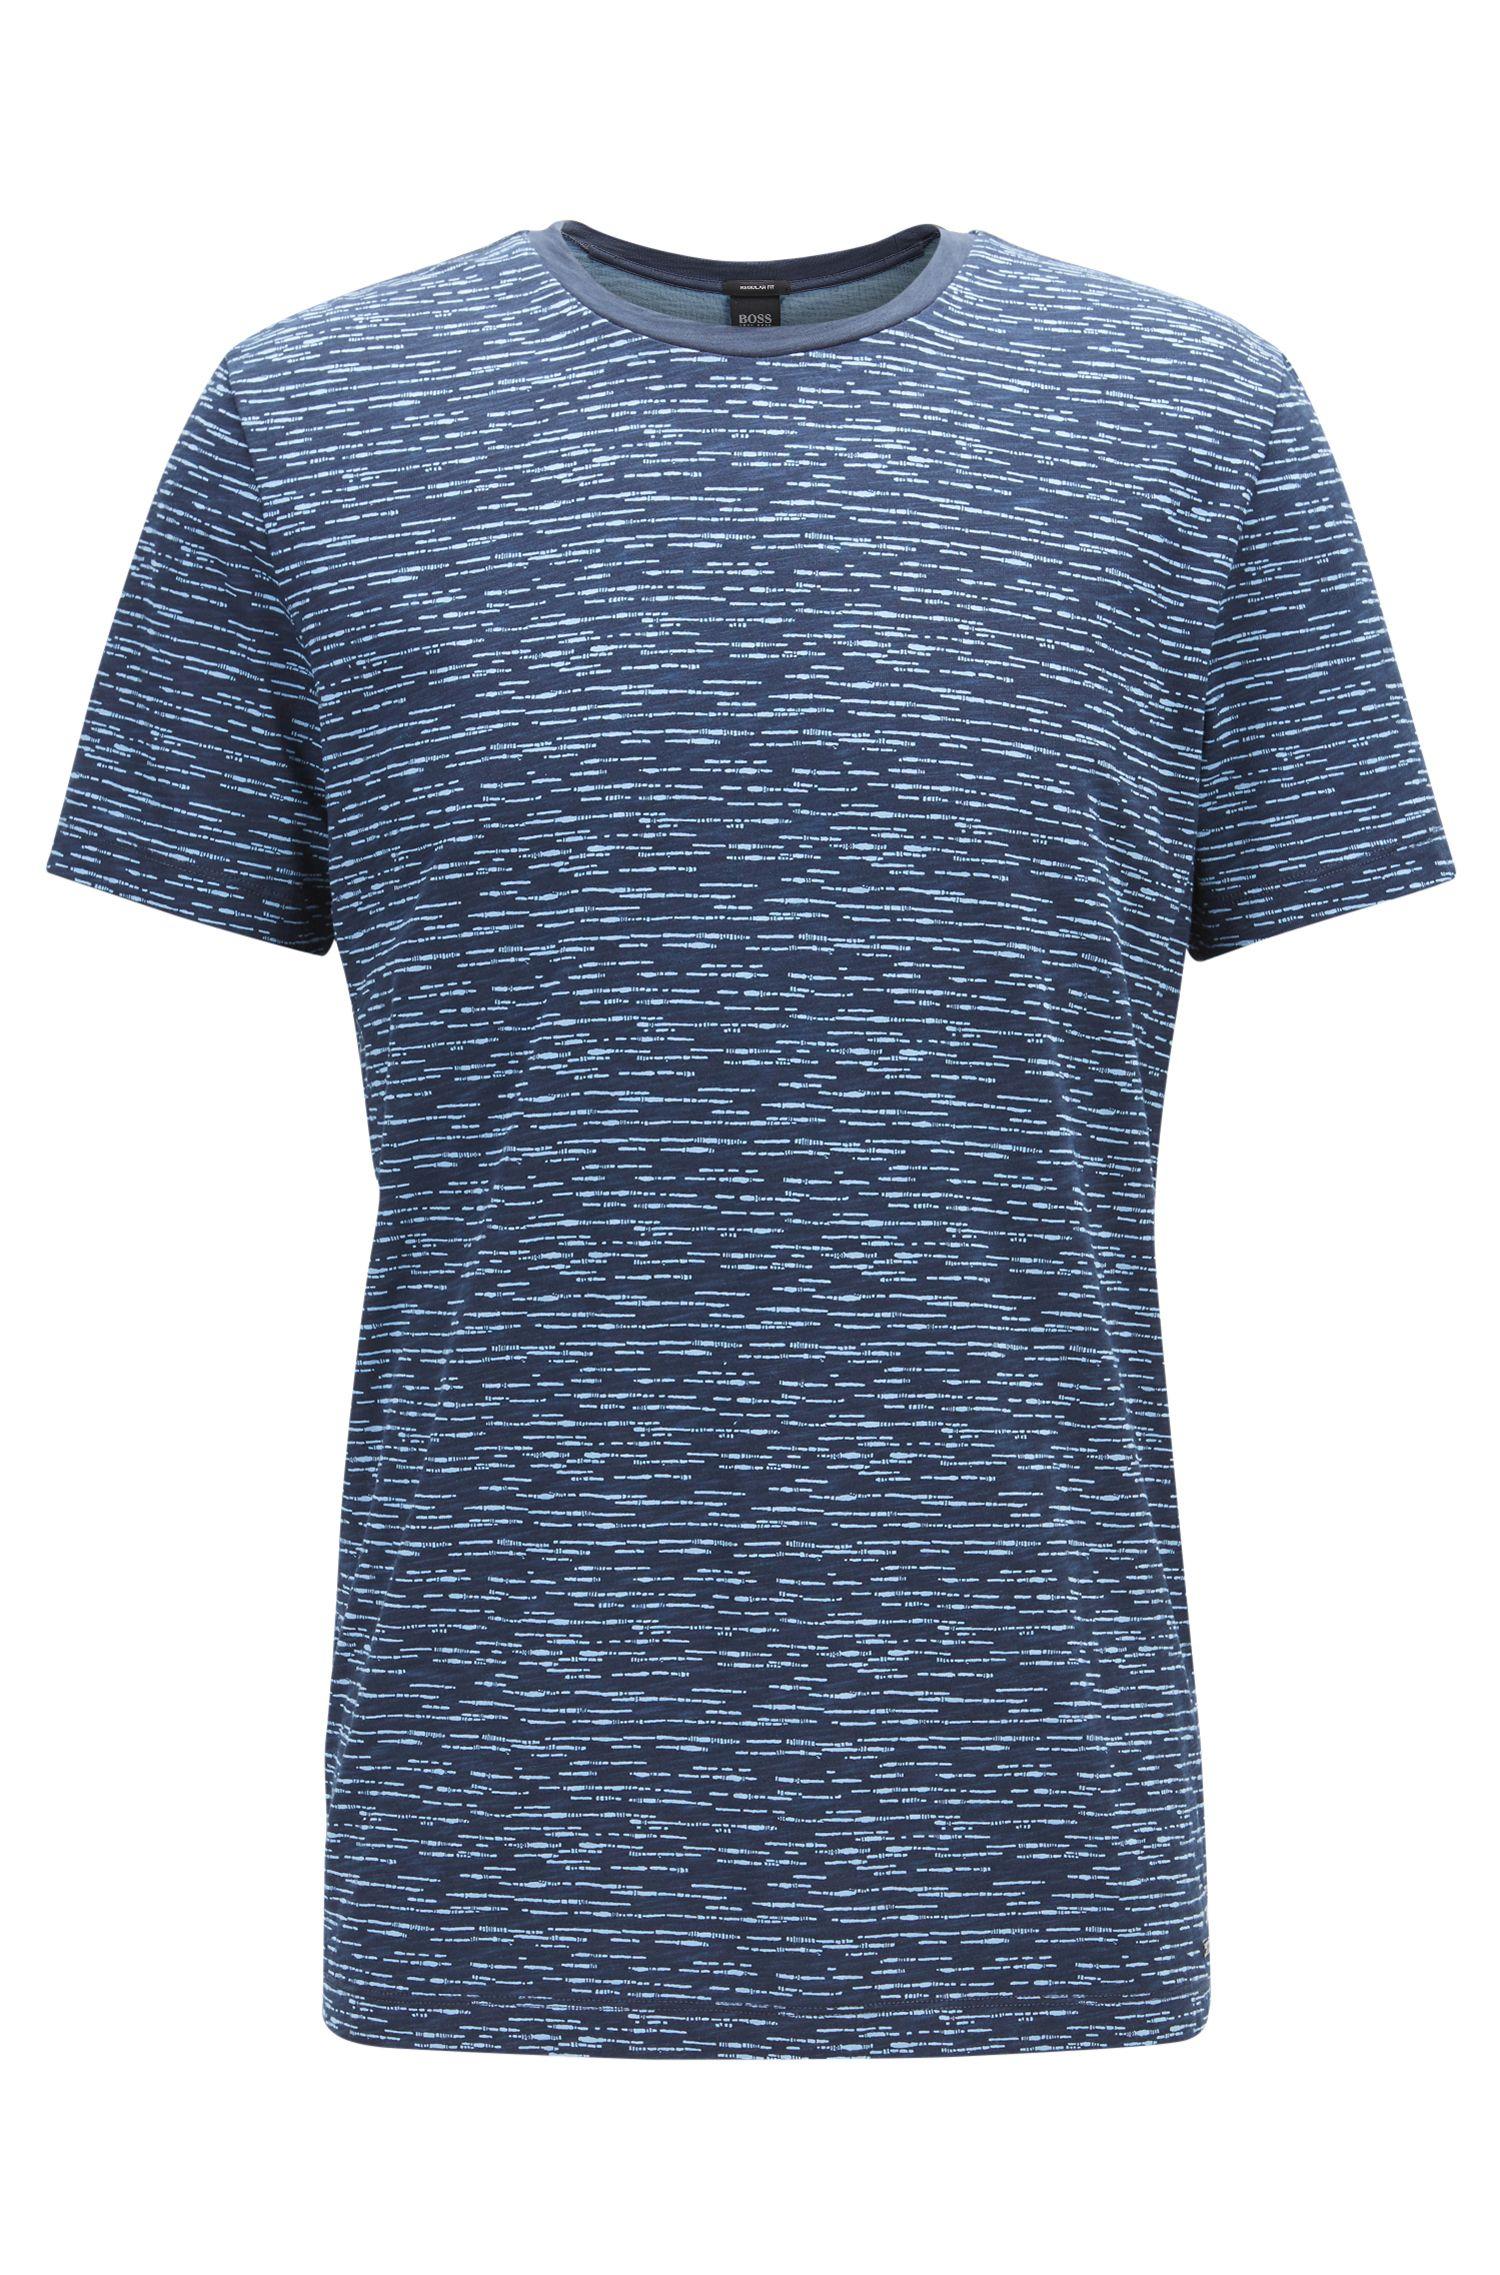 Heathered Cotton T-Shirt | Tiburt